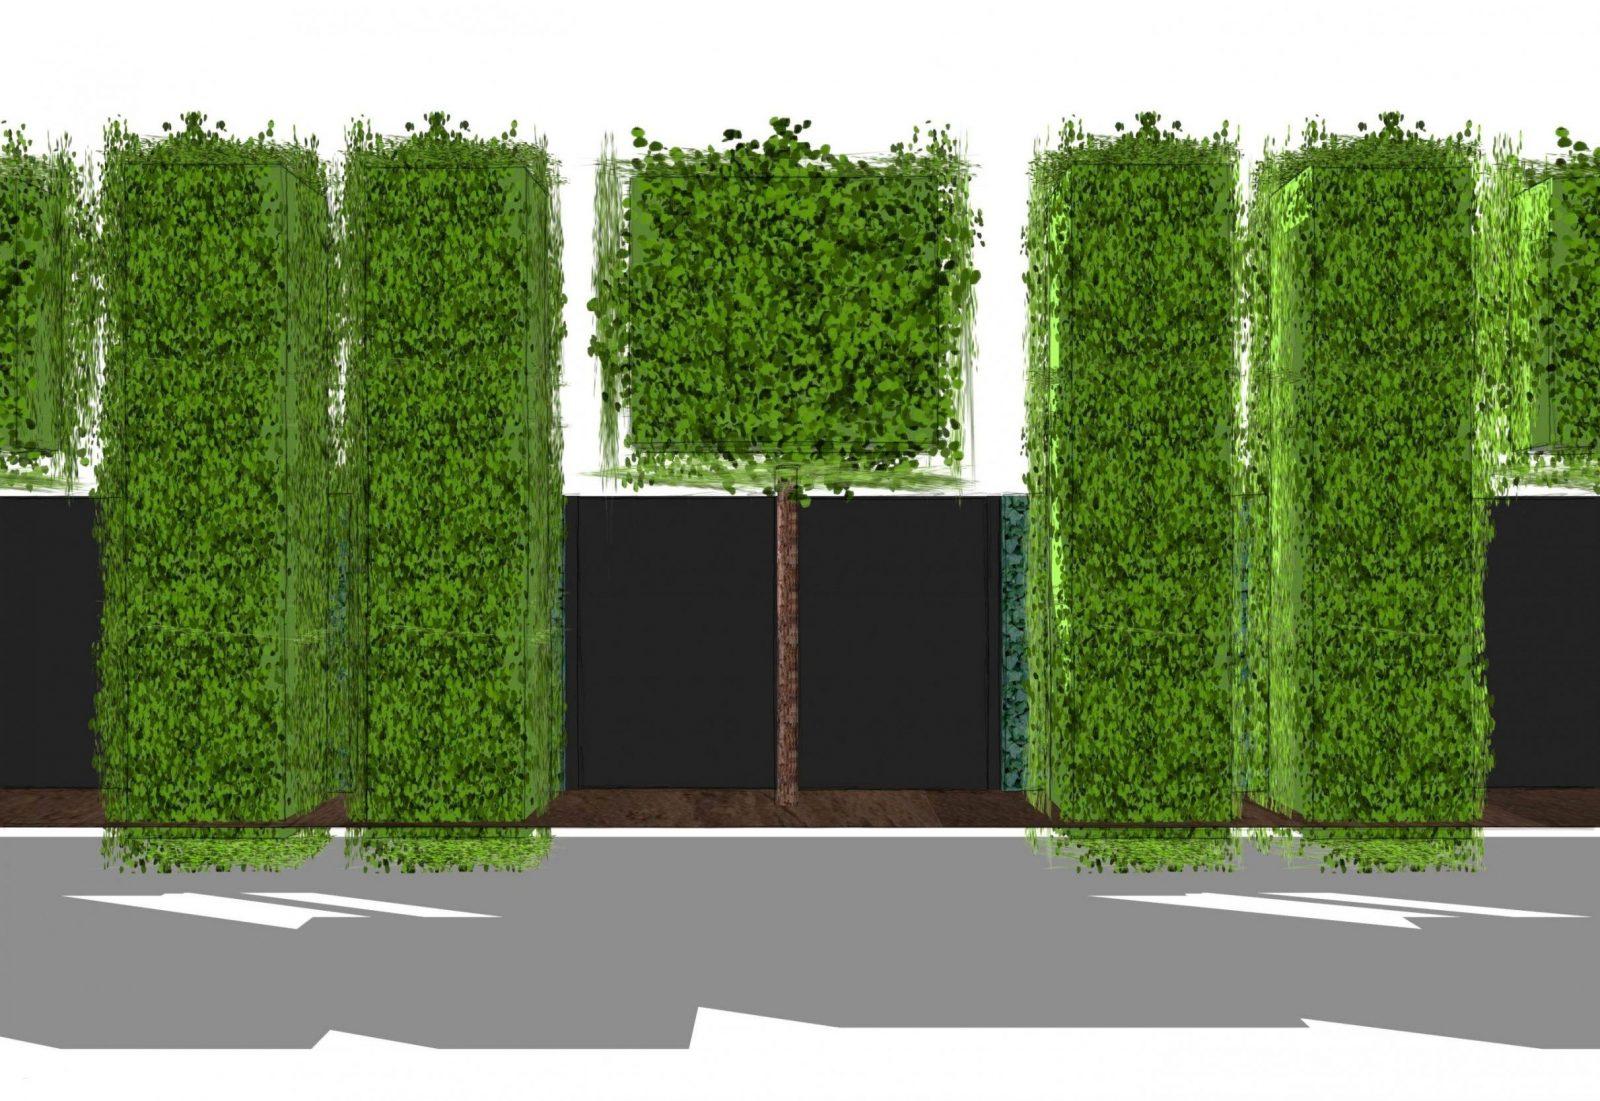 Gartengestaltung Sichtschutz Beispiele Einzigartig Wunderbar von Hecke Am Laufenden Meter Selber Machen Bild